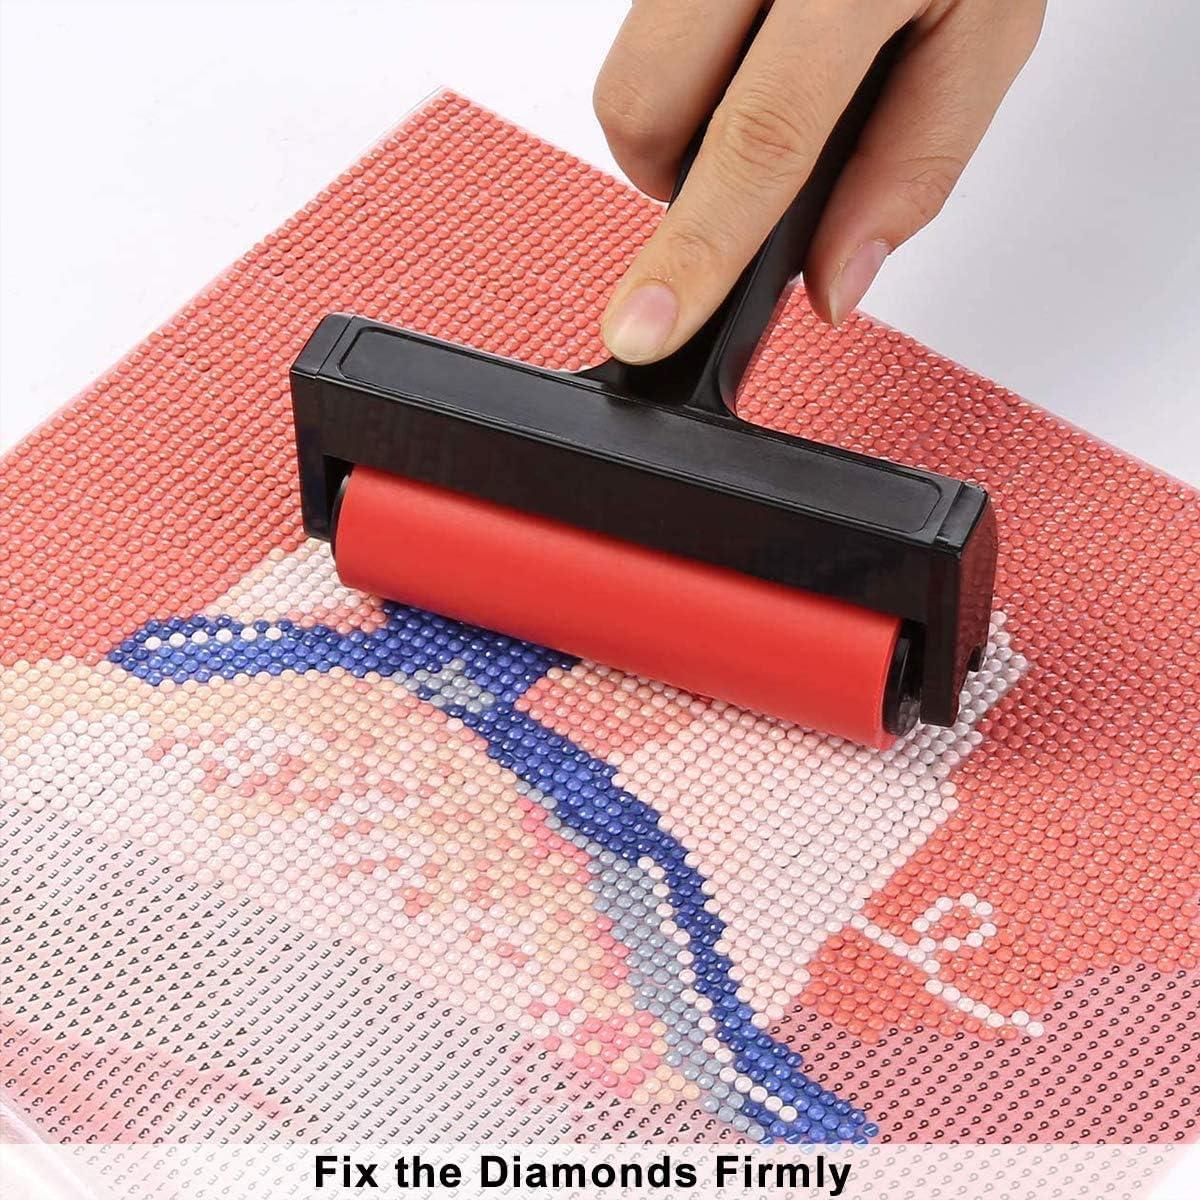 41PCS 41Piezas Pintura de Diamante Herramientas 5D Diamond Painting Tool Diamante Pintura Bricolaje Herramientas para Ni/ños Adultos